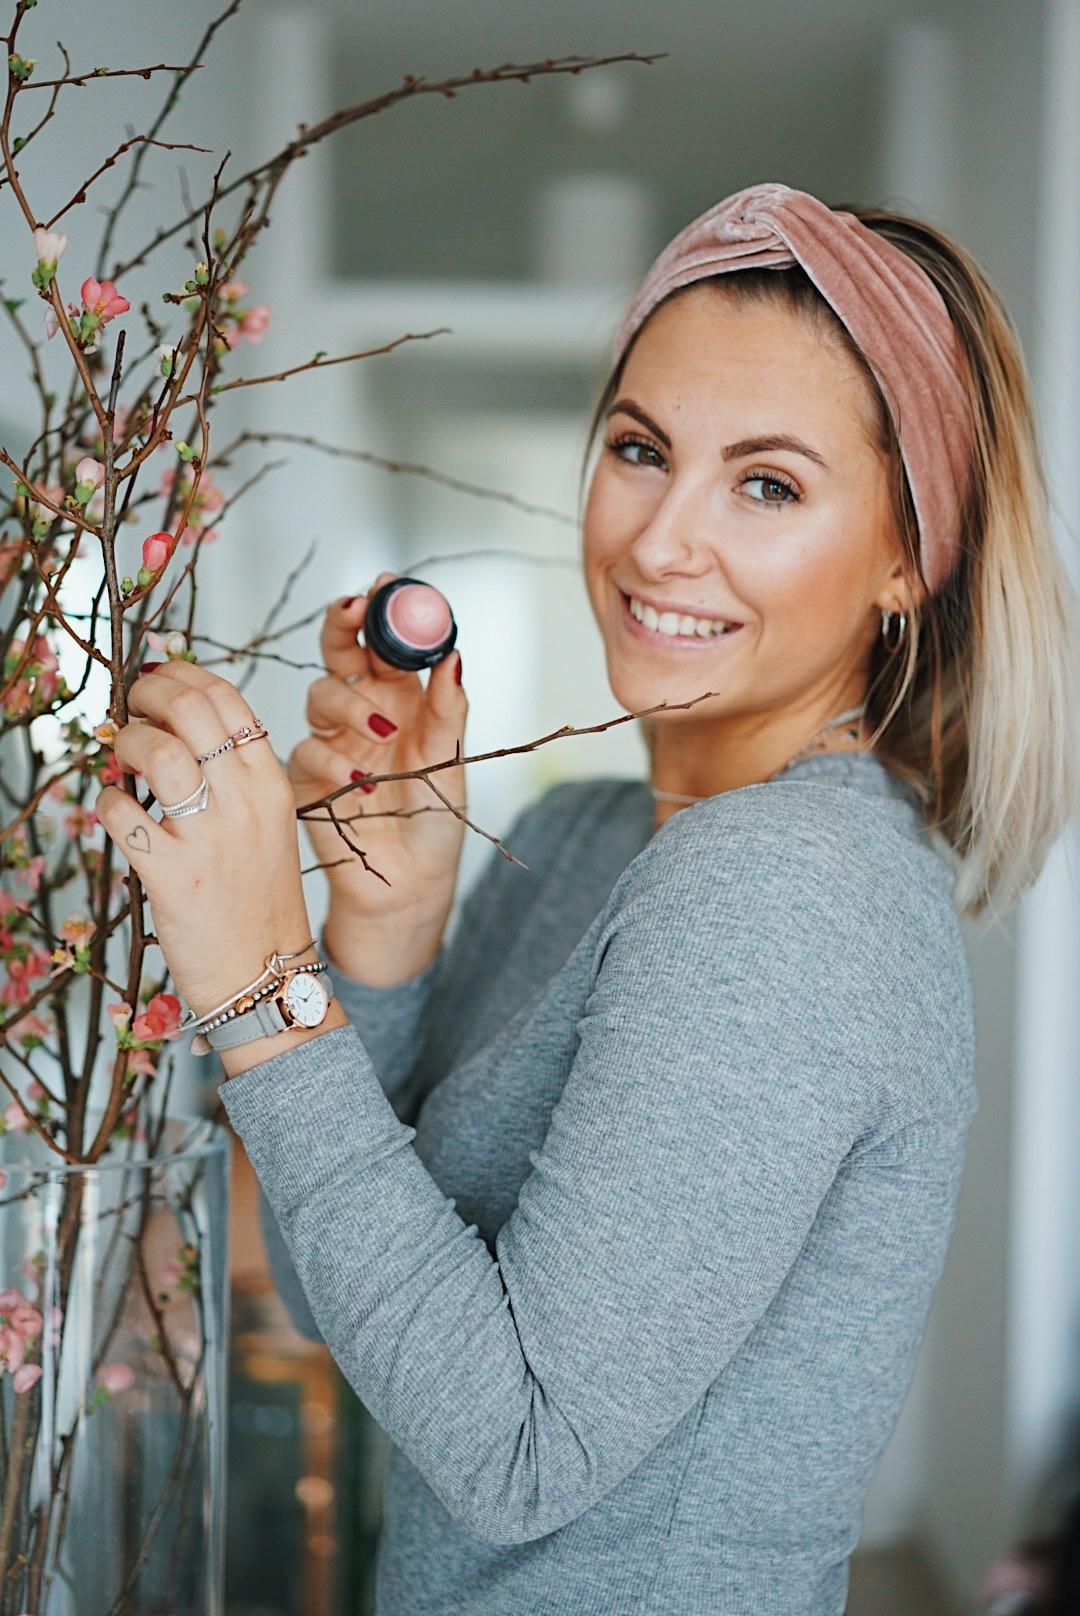 ffranzy-fashionforffranzy-auffrischen-to-go-eos-lipbalm-beauty-beautyblogger